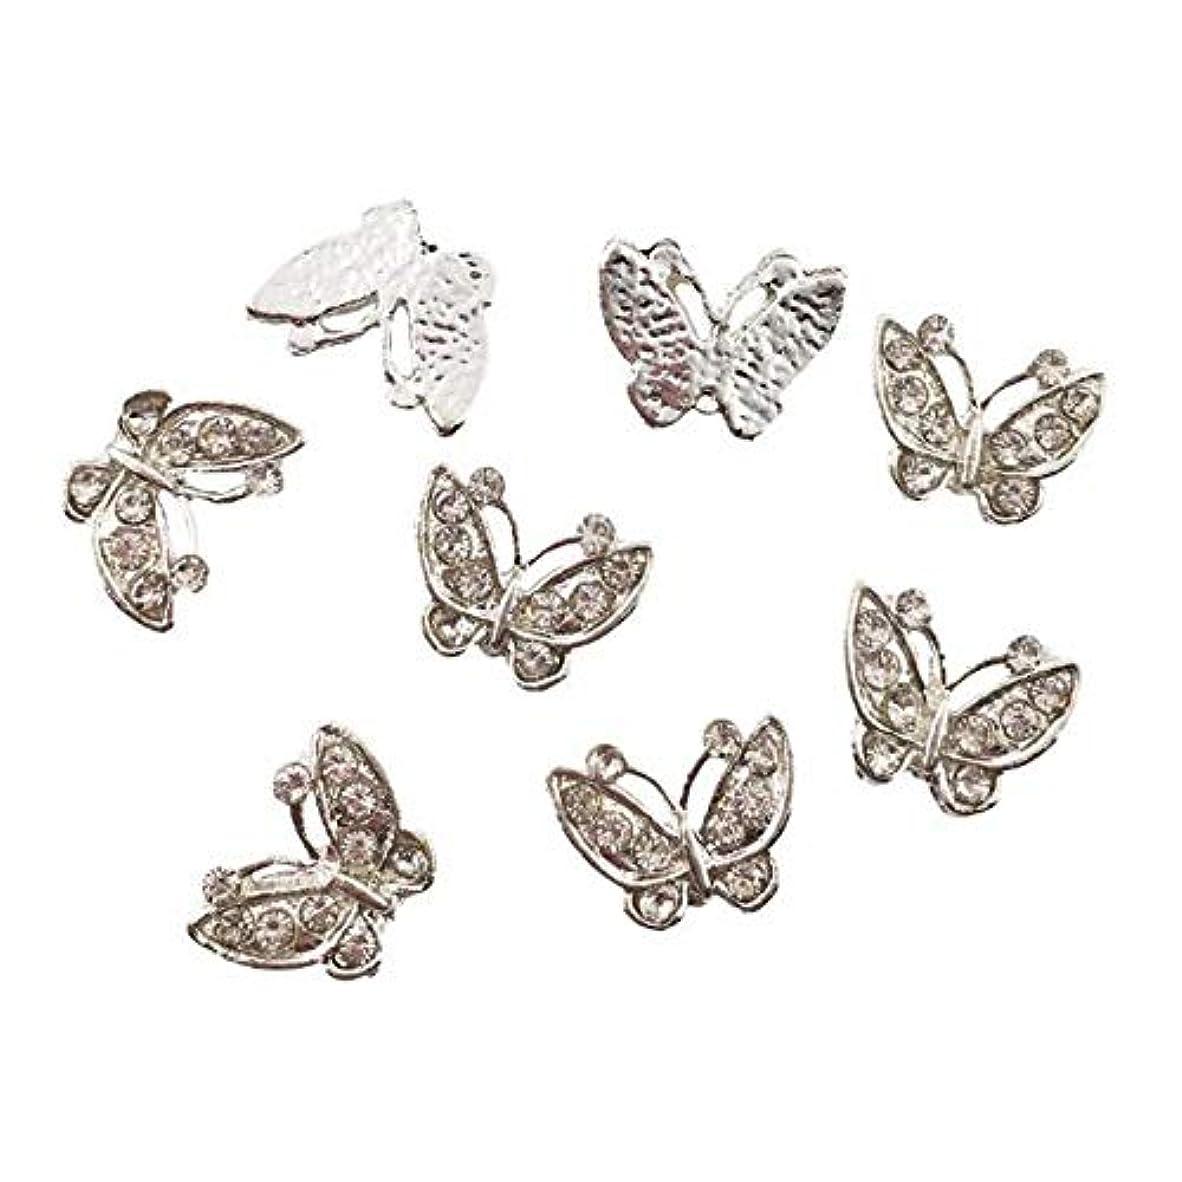 フィルタ歯科医アクセスできない10個入りの3D合金ネイルアートグリッターラインストーンの装飾のための爪ステッカー蝶ネイルジェルツール用品アクセサリー